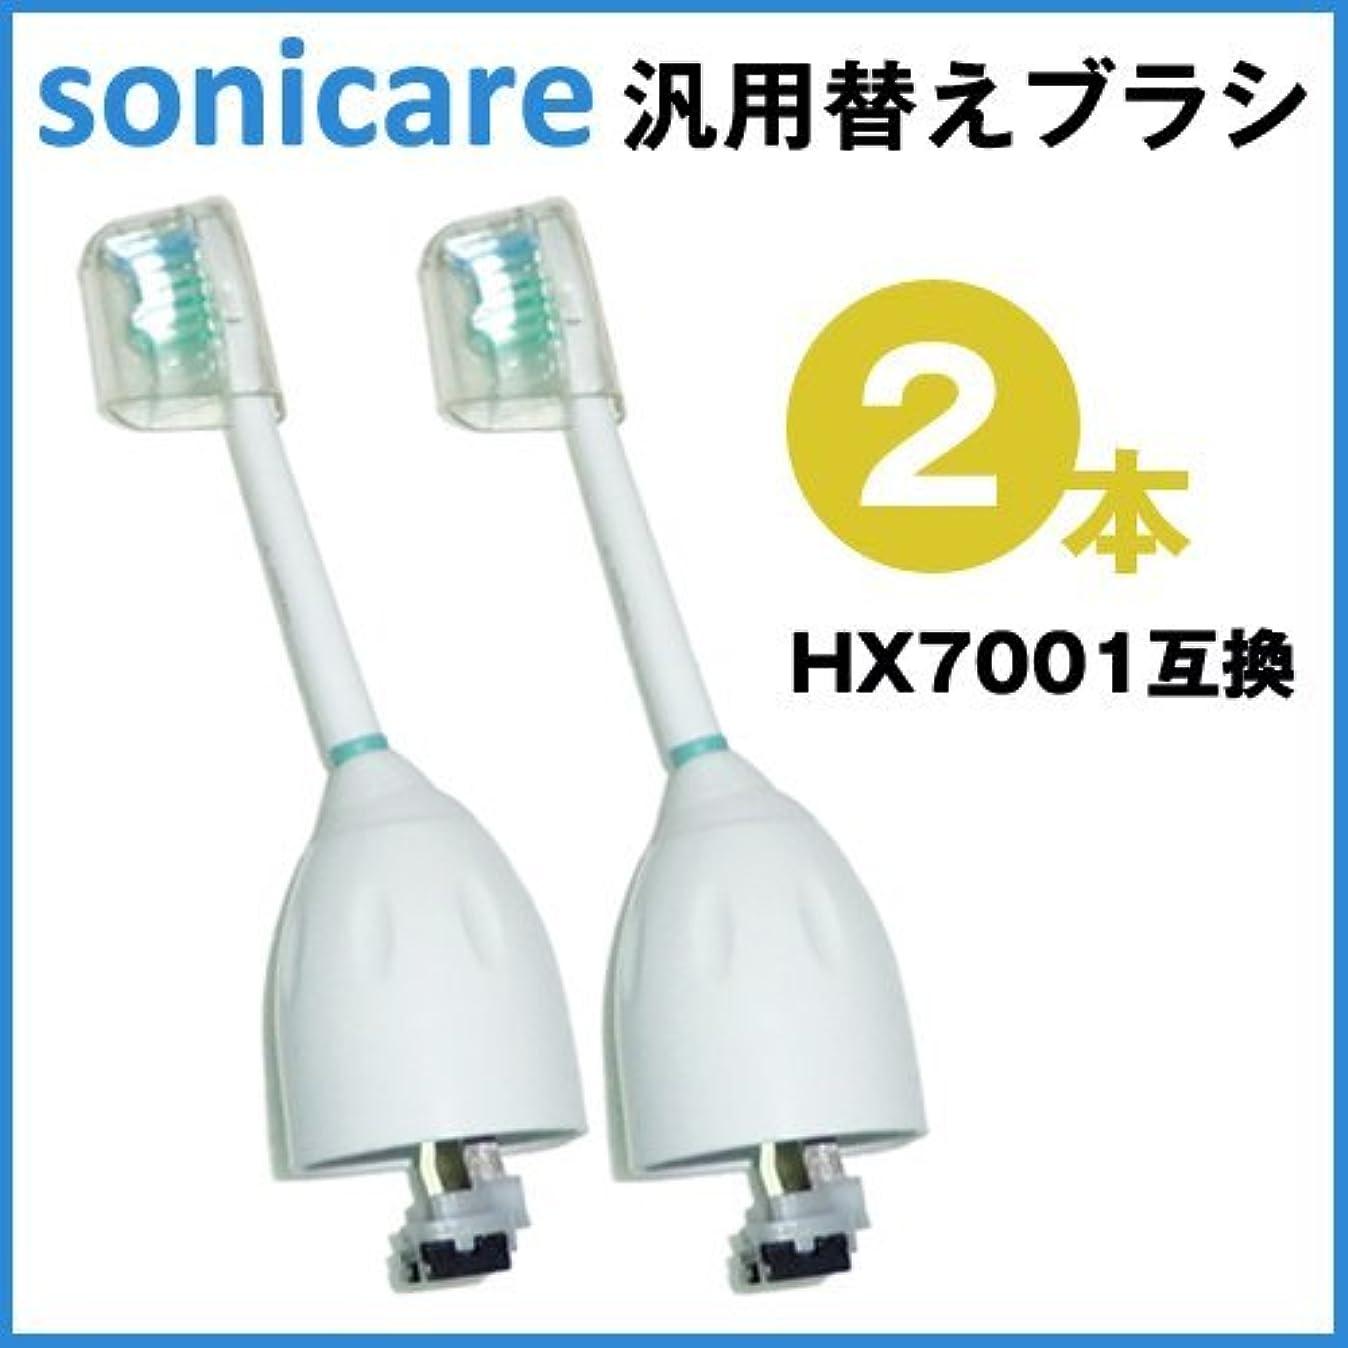 元に戻す奇跡的な代わりにフィリップス ソニッケア対応電動歯ブラシ 汎用替えブラシ hx7001 hx7001/06 hx7001/06 hx7002 hx7002/05 hx7002/22 [並行輸入品]